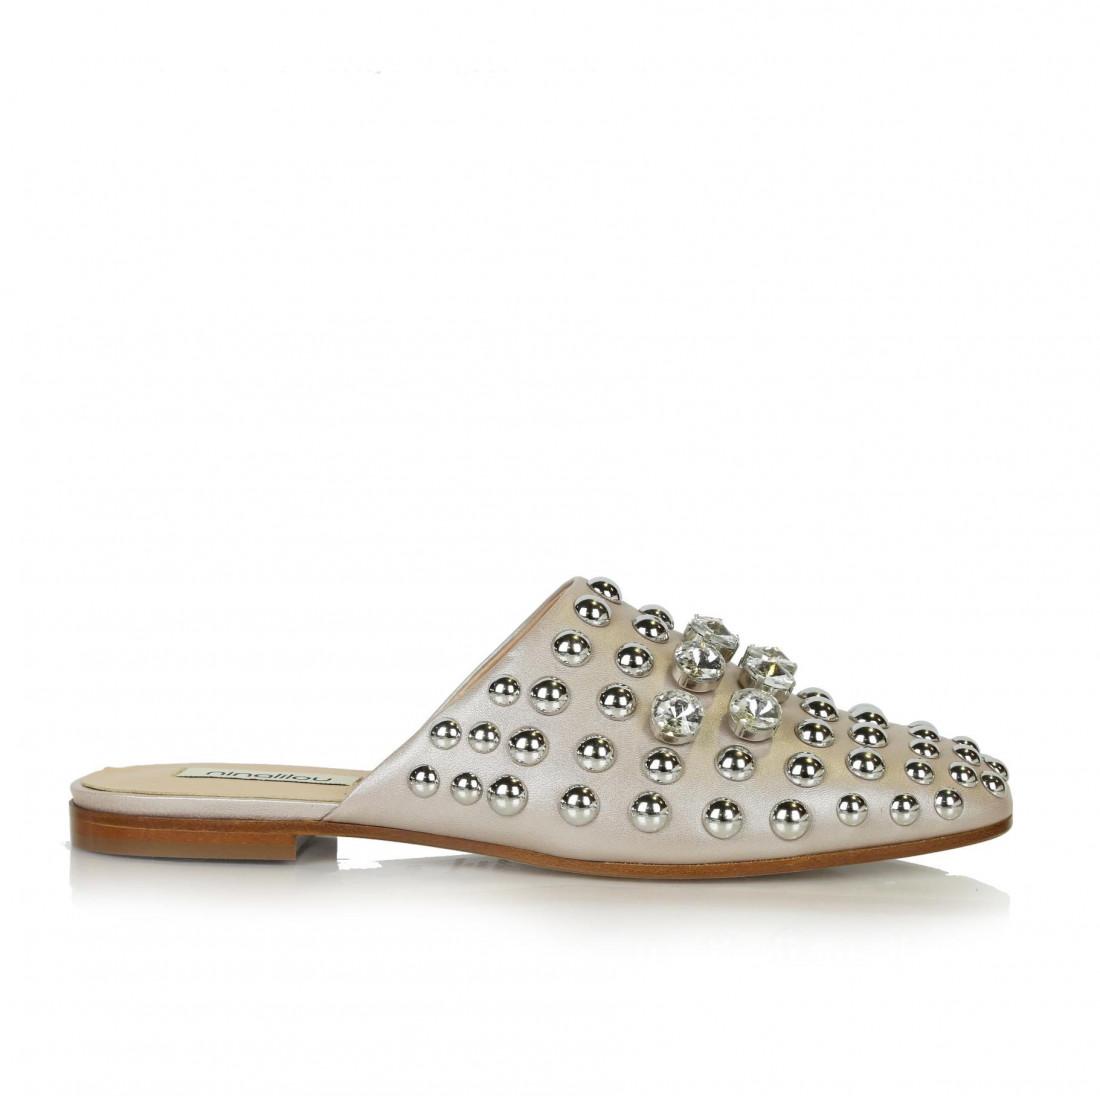 sandals woman ninalilou 281291yla 152 2829